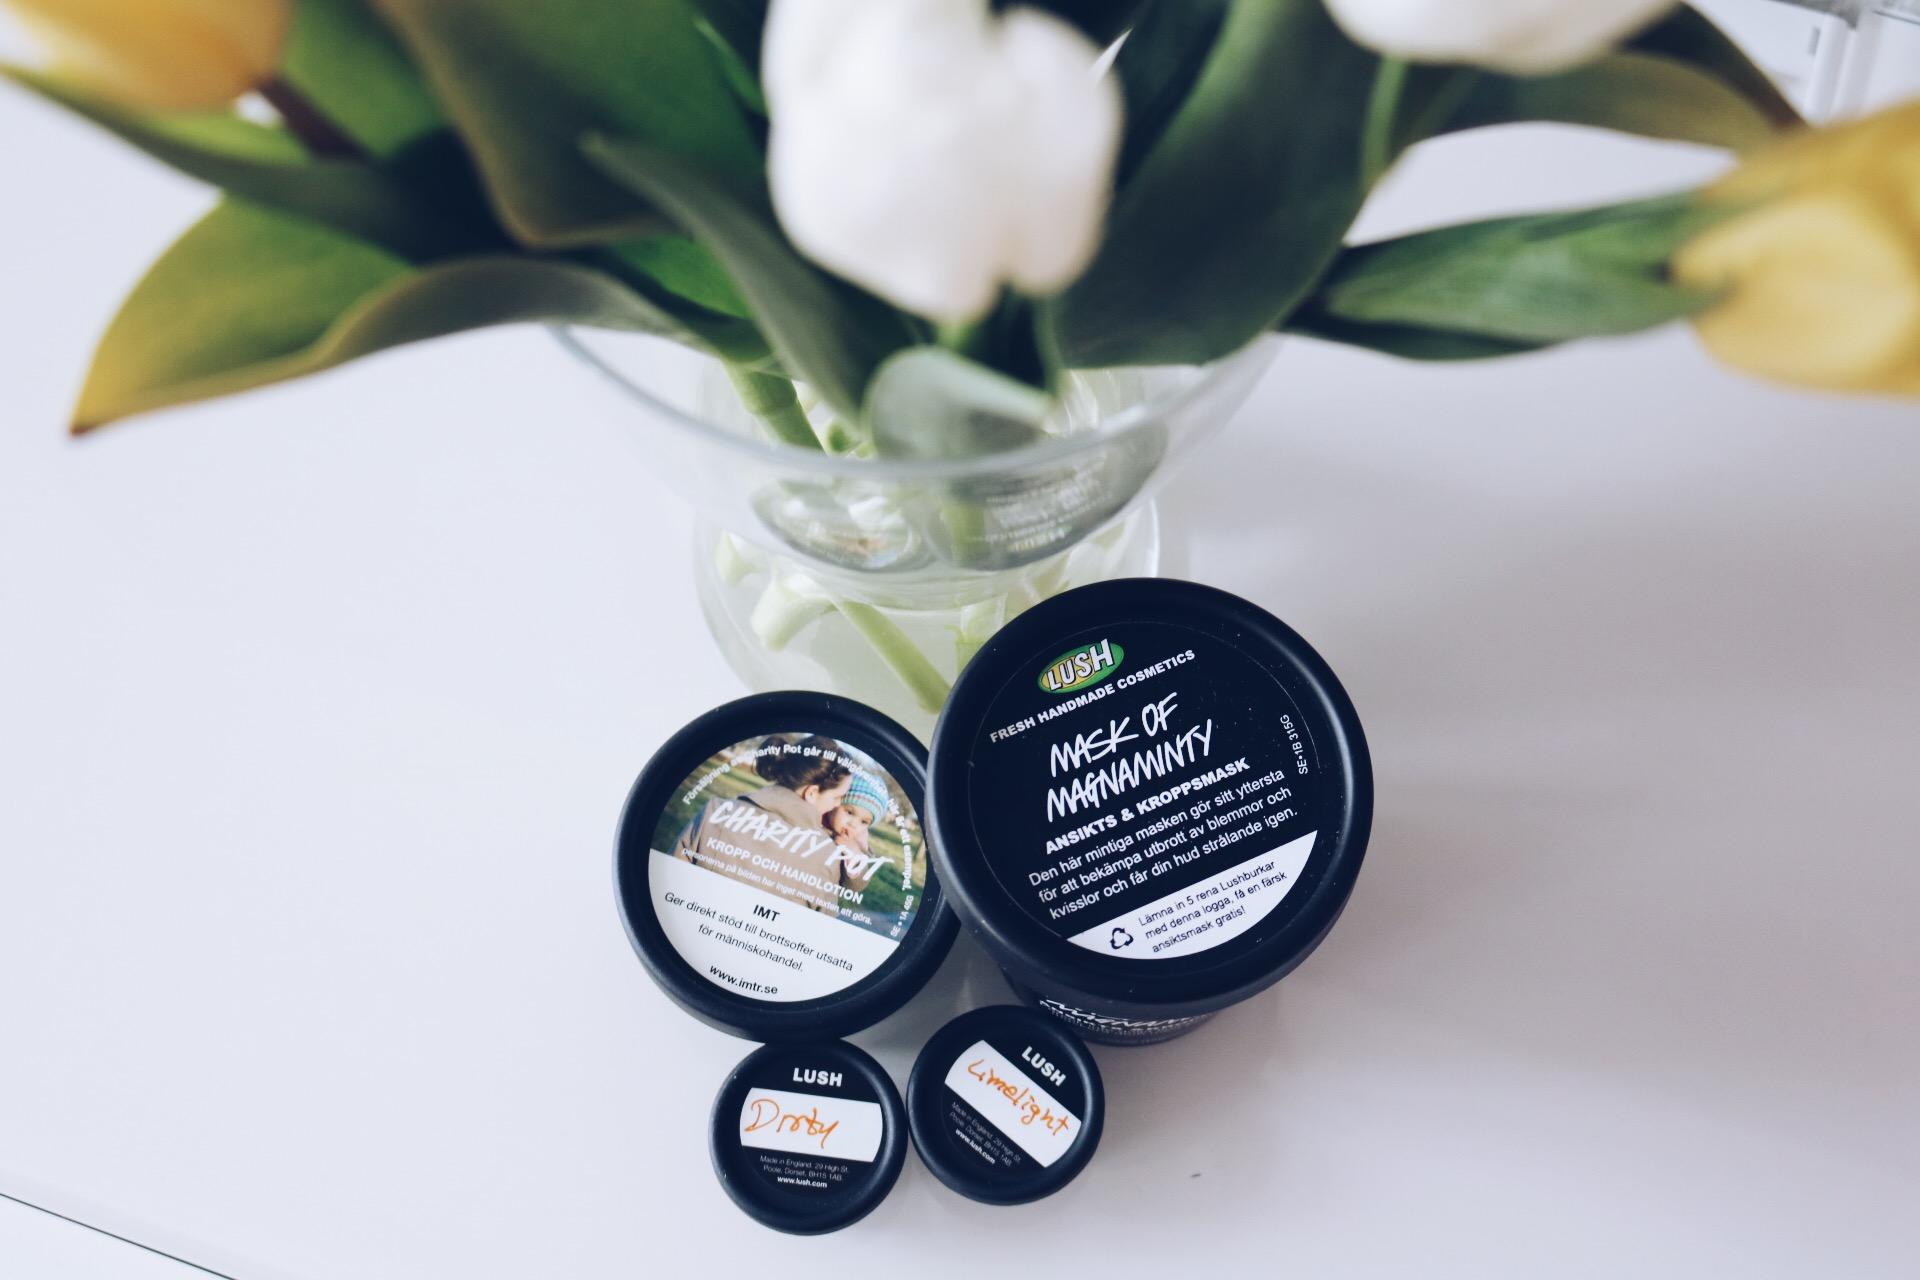 Lush Magnaminty Mask test produkter hudvård tandkrämstabletter, Återblick 2016